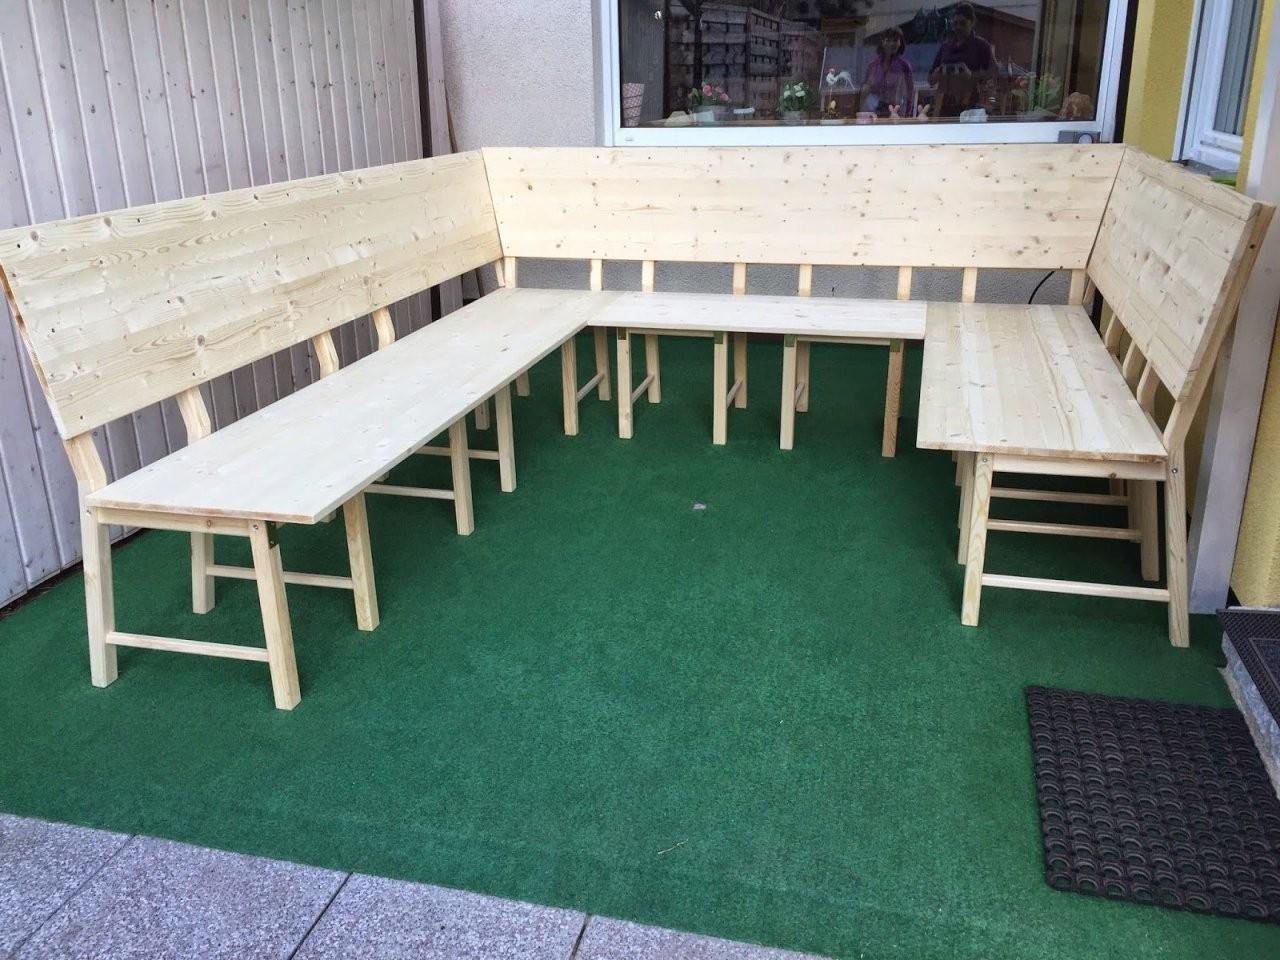 Stickuhlinchen Diy Ikea Hack  Aus 8 Stühlen Wird Eine Große von Eckbank Selber Bauen Ikea Bild